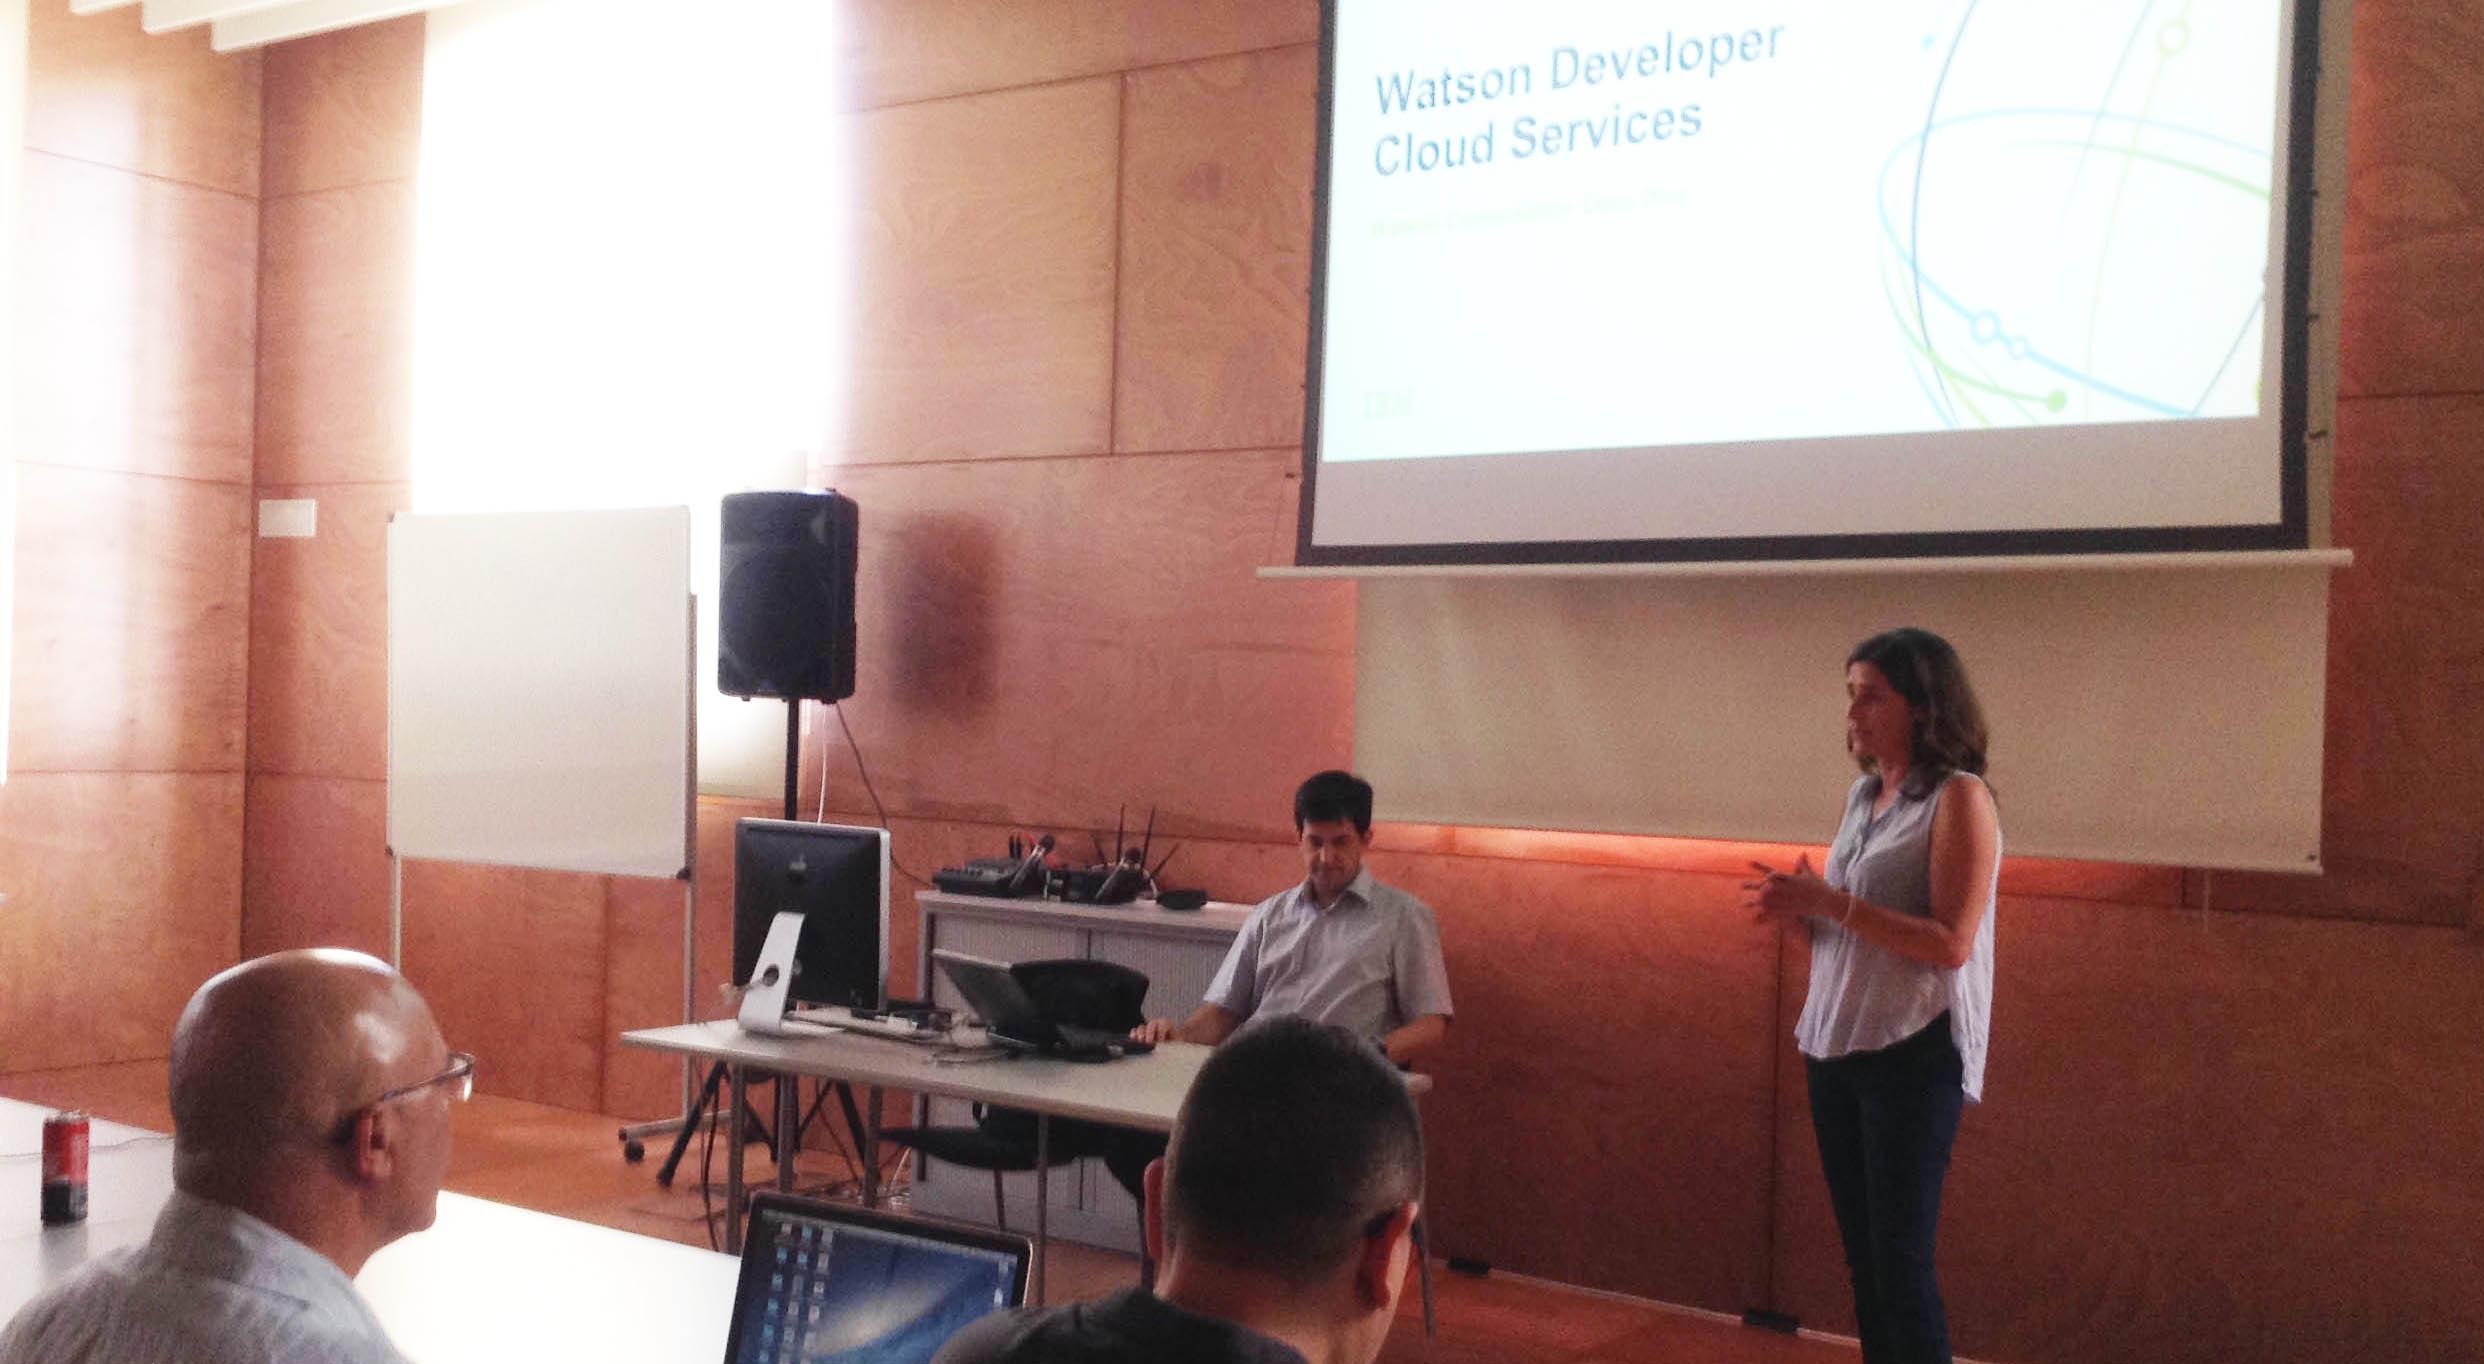 Citilab Garage: Un Assistent Virtual Per Facilitar La Comunicació Entre L'administració I La Ciutadania